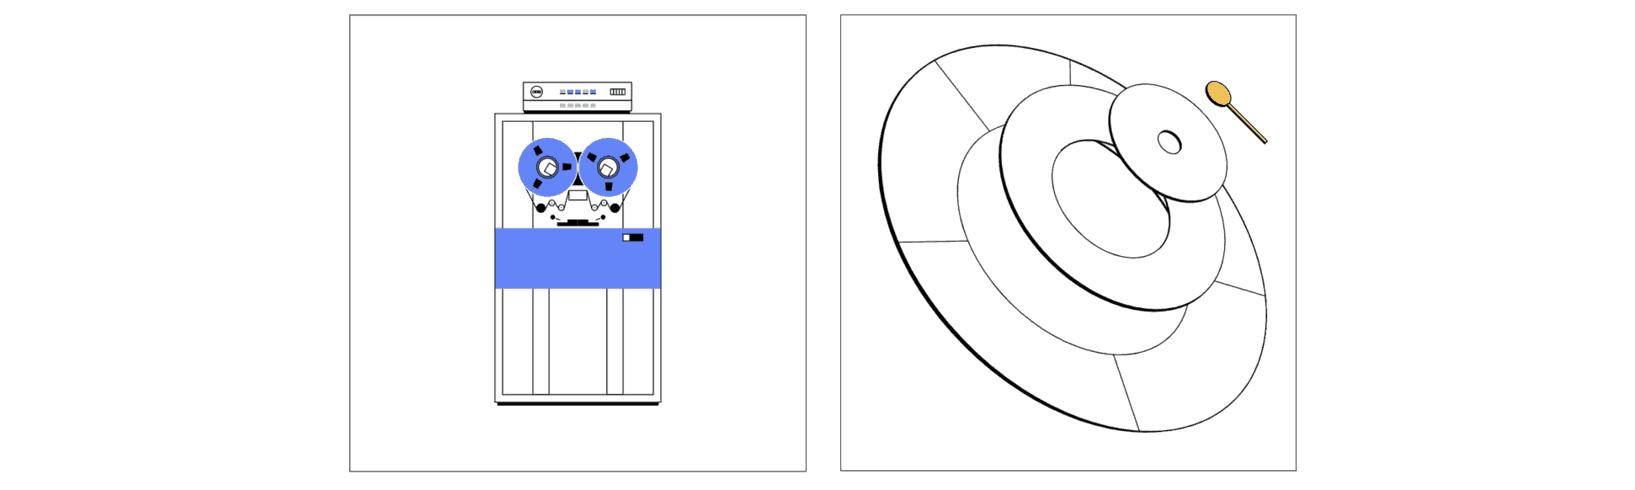 Urbit - Computador Mainframe e Computador Pessoal